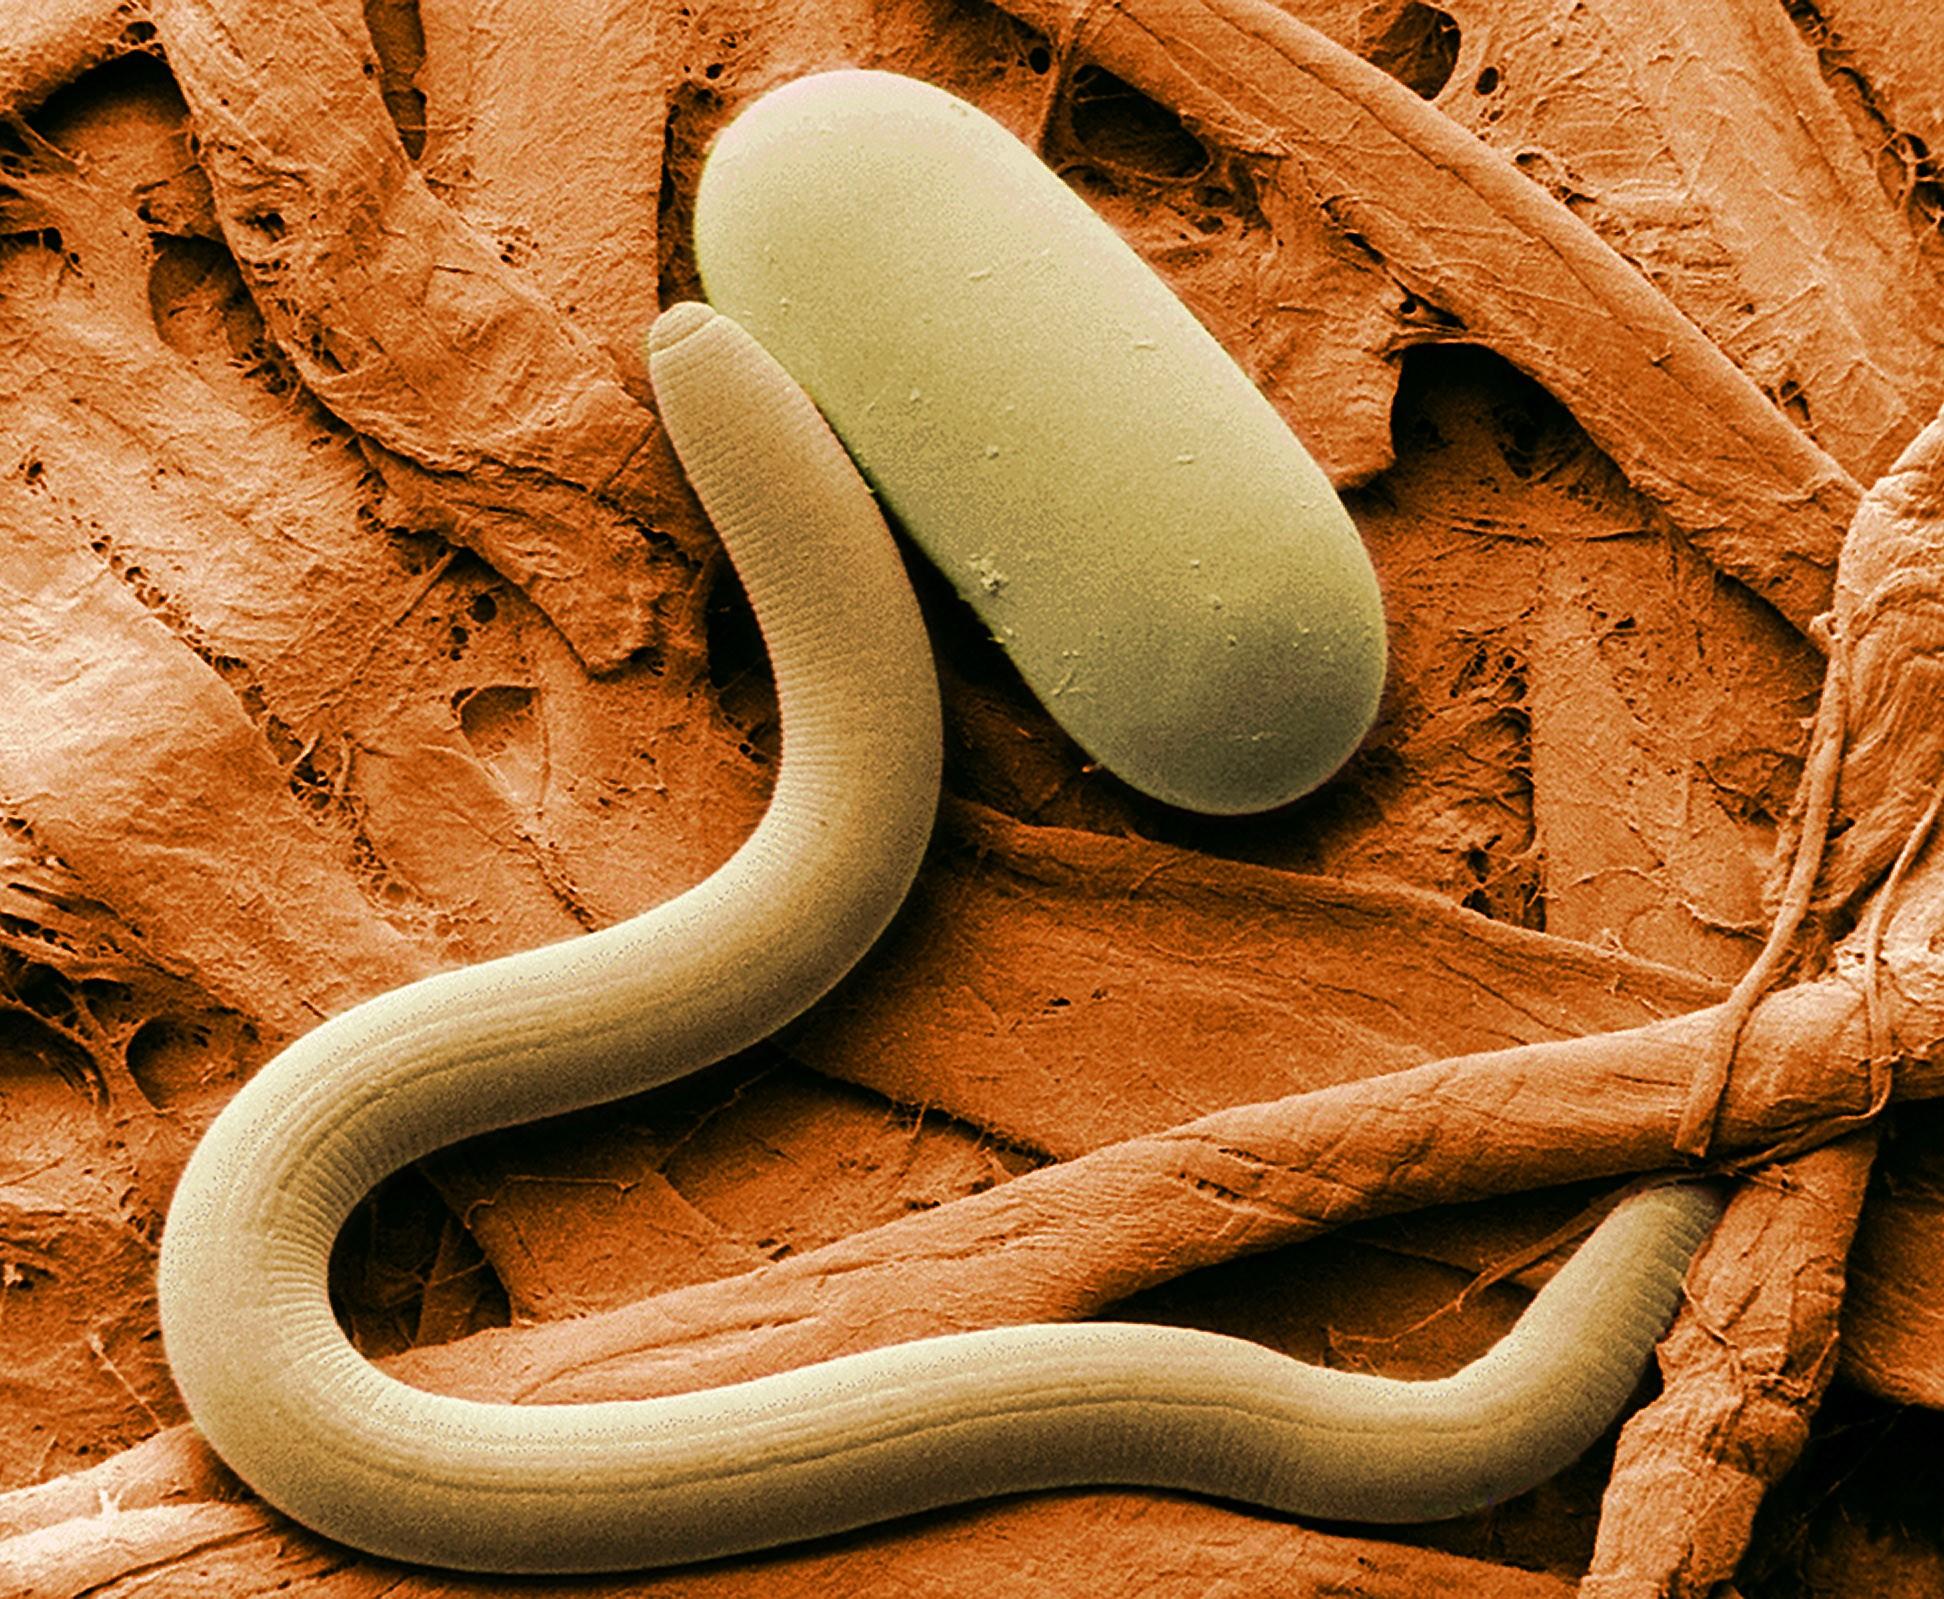 Vermes como este podem ajudar a detectar o câncer